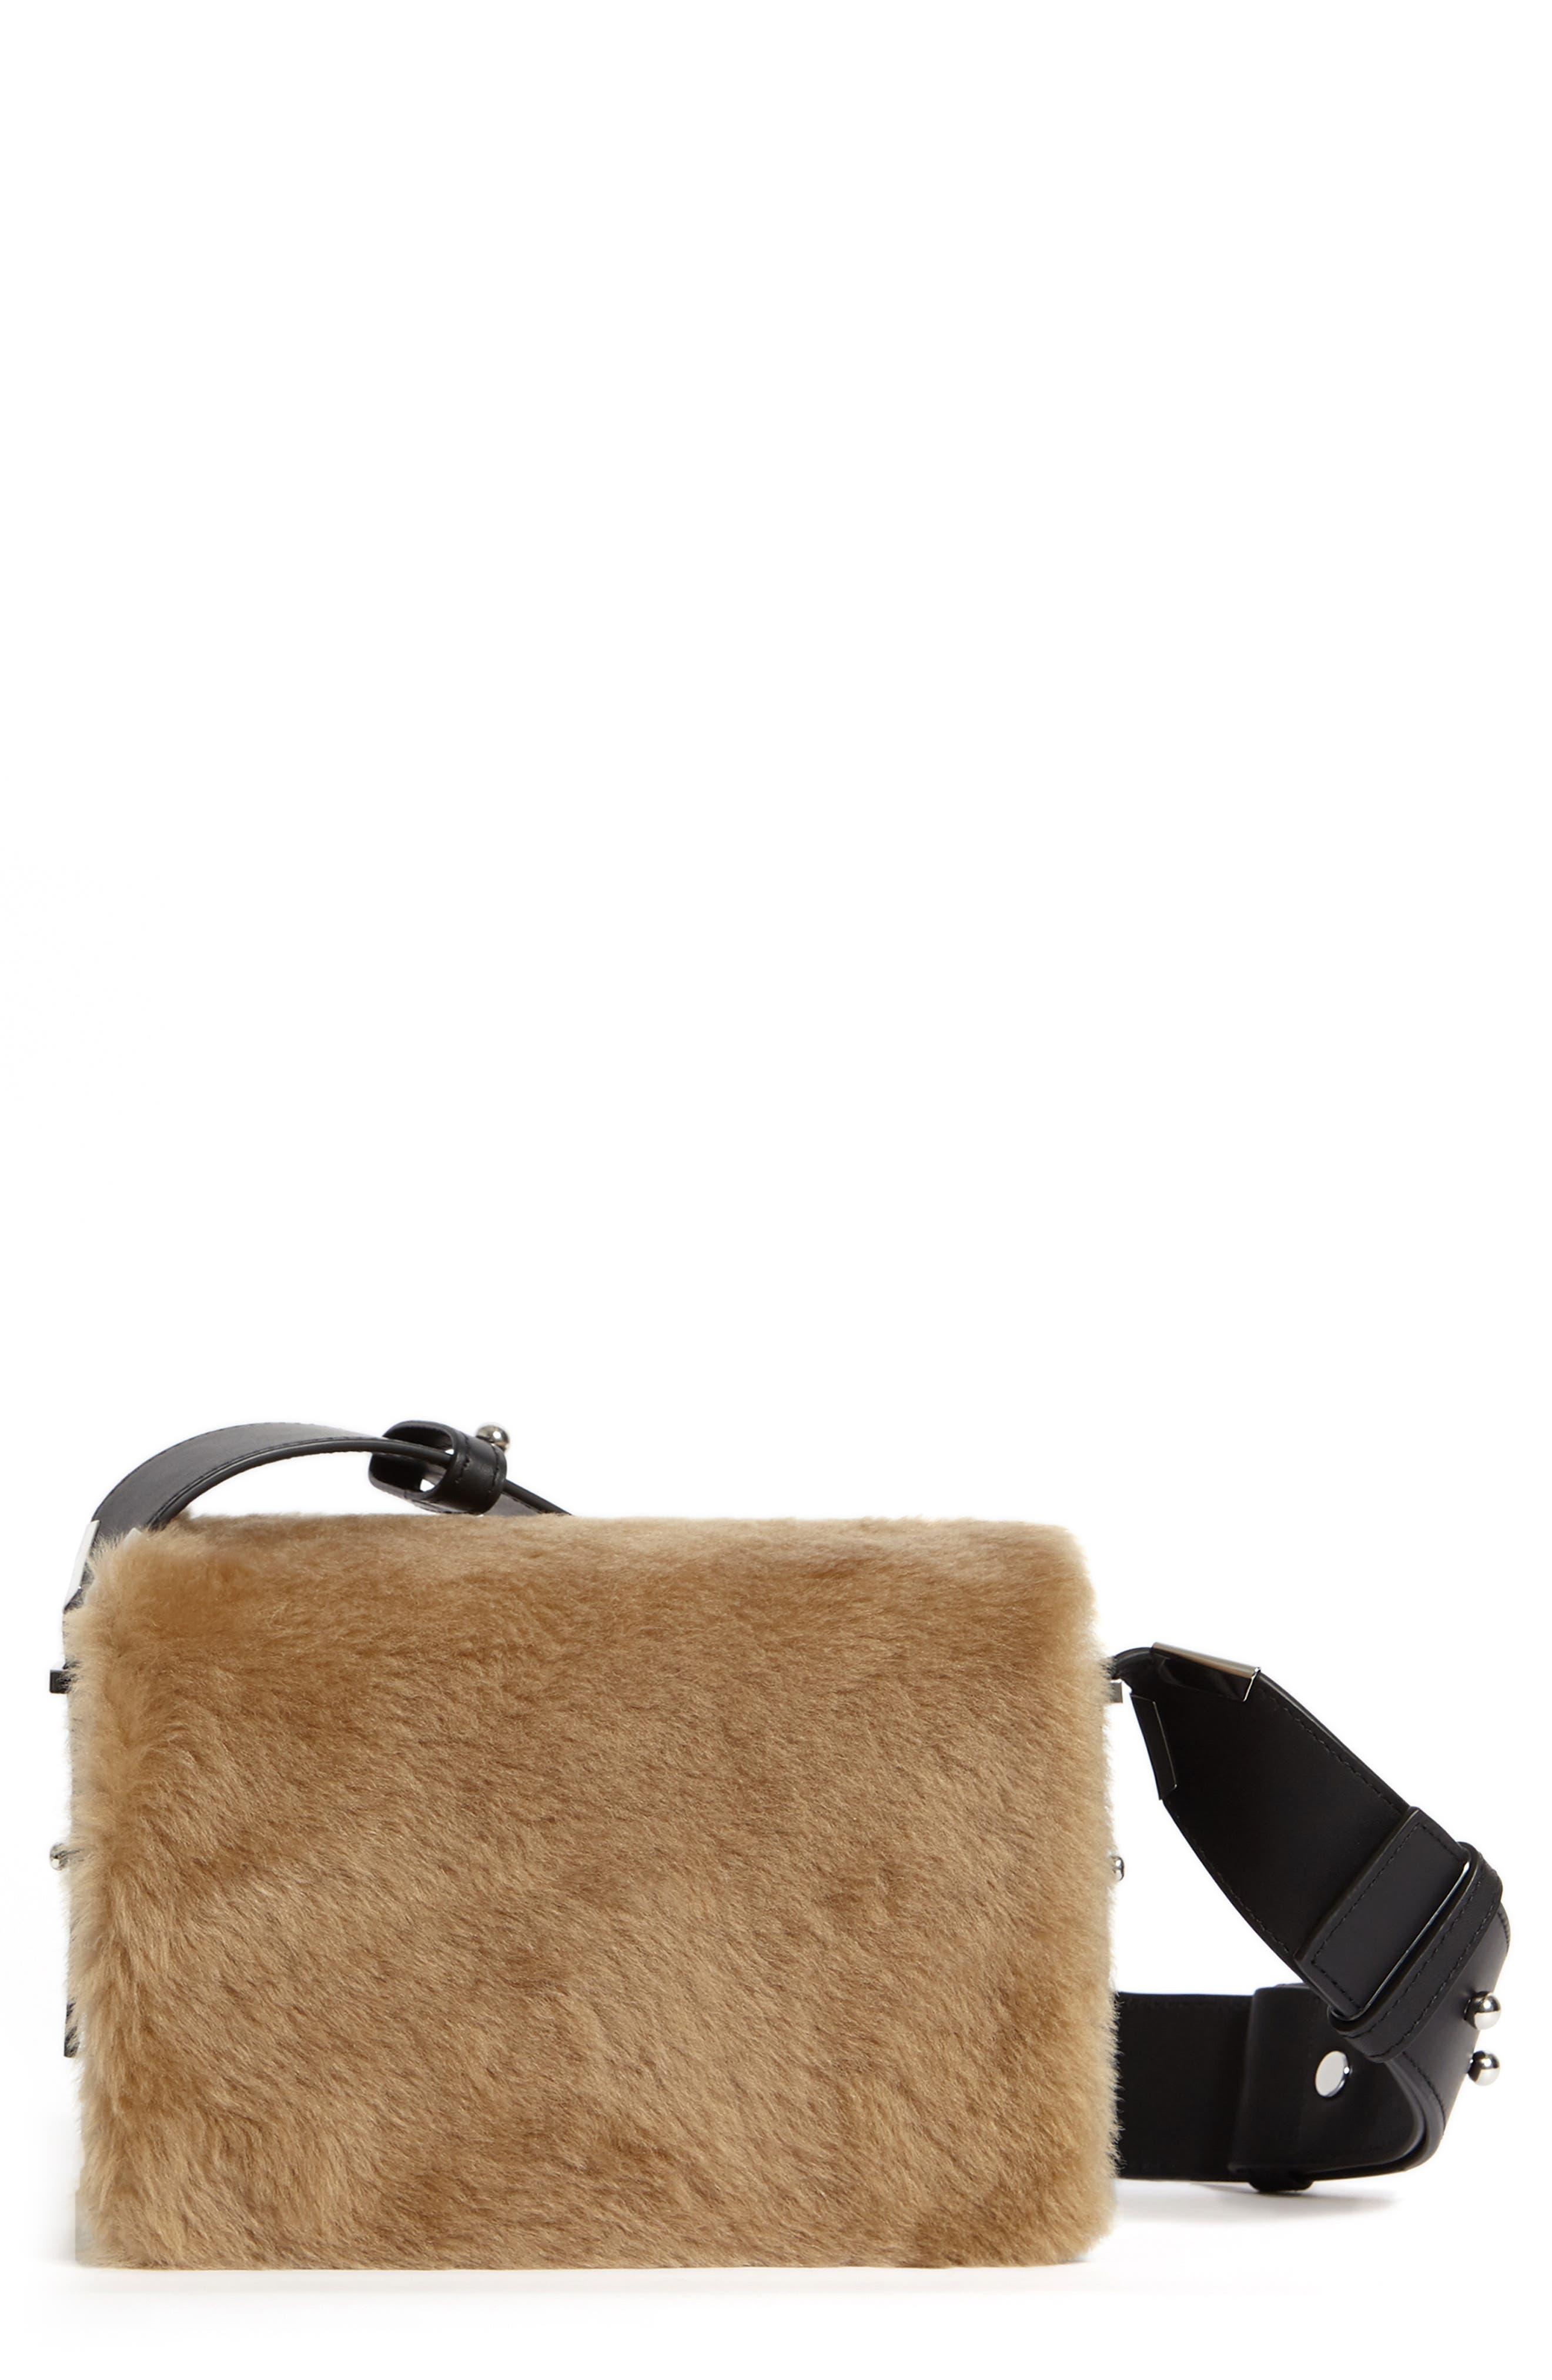 ALLSAINTS Versailles Leather & Genuine Shearling Shoulder Bag, Main, color, CAMEL